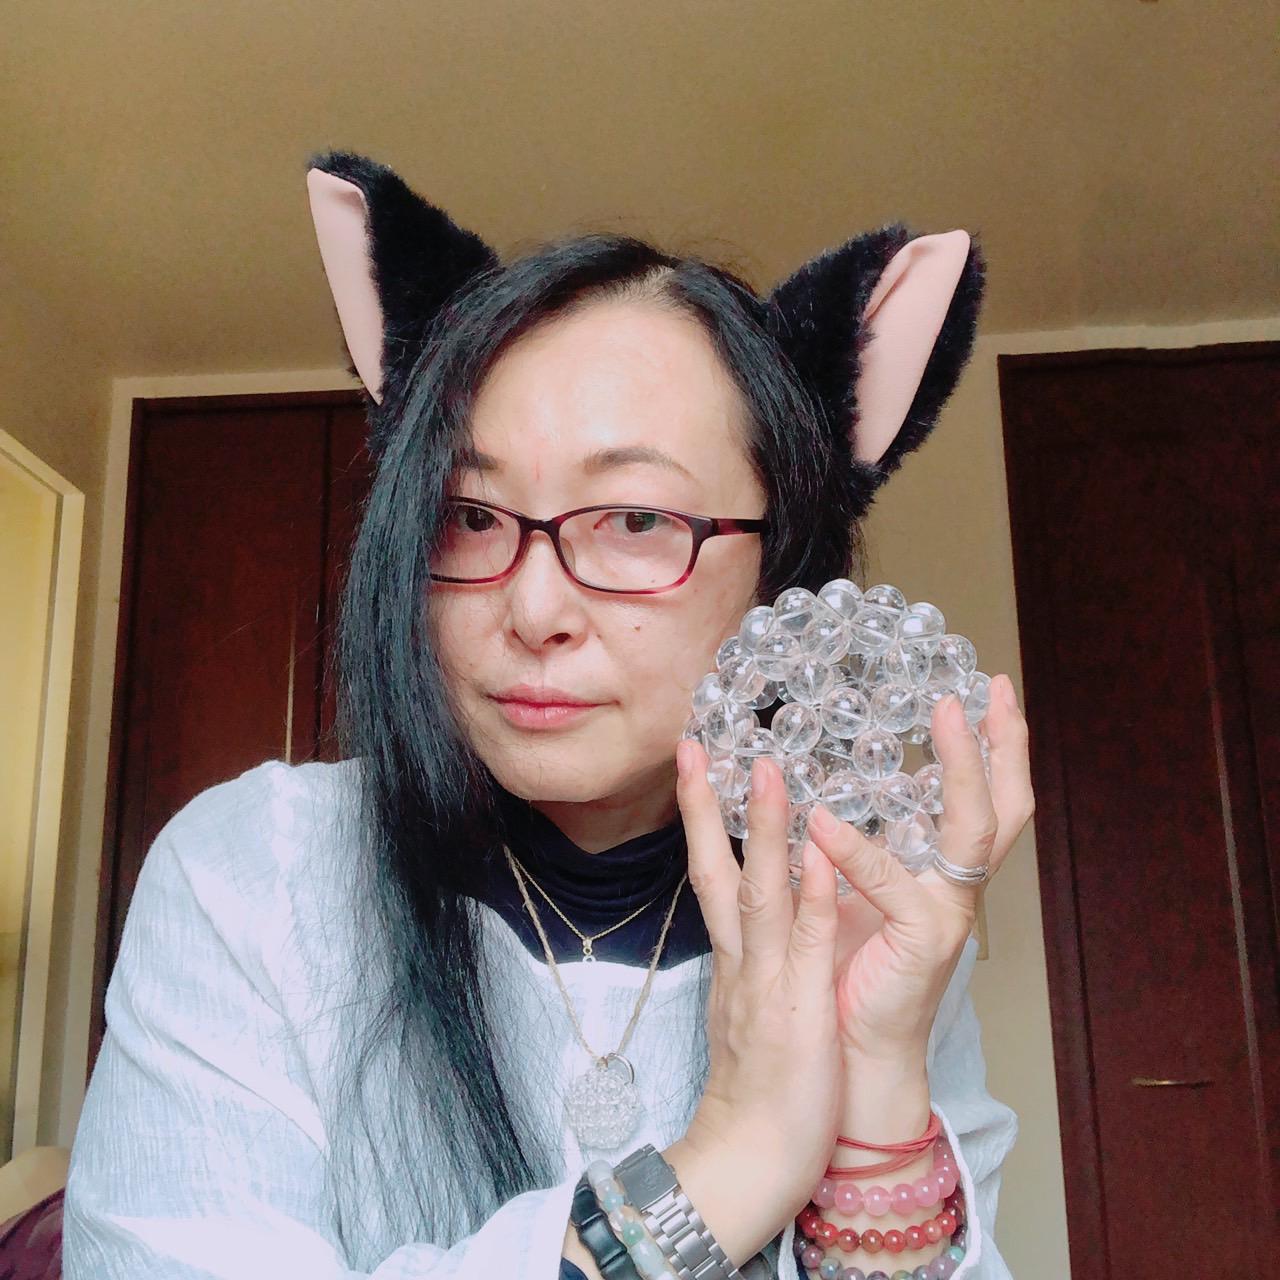 Miya Yoshida